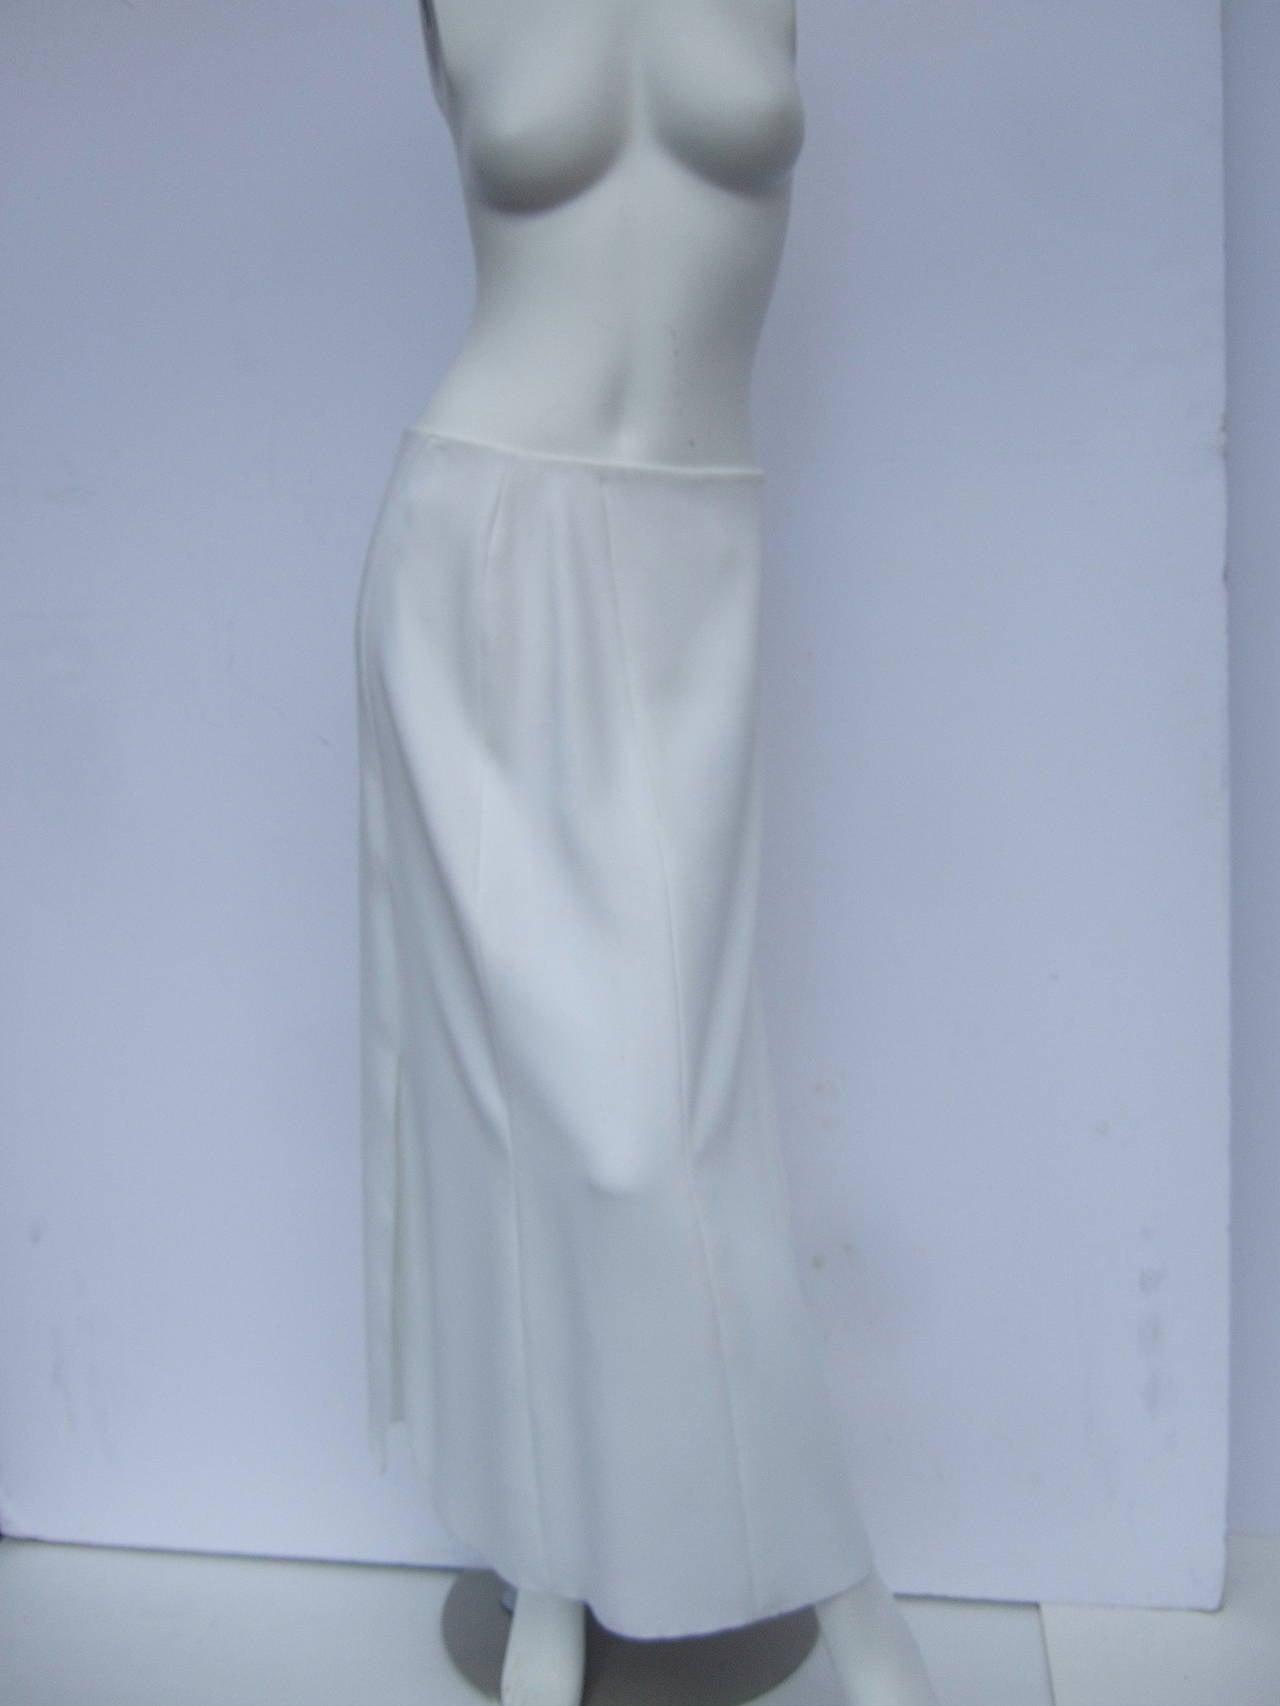 Gray Chanel Elegant Chic Long White Skirt Size 40 For Sale